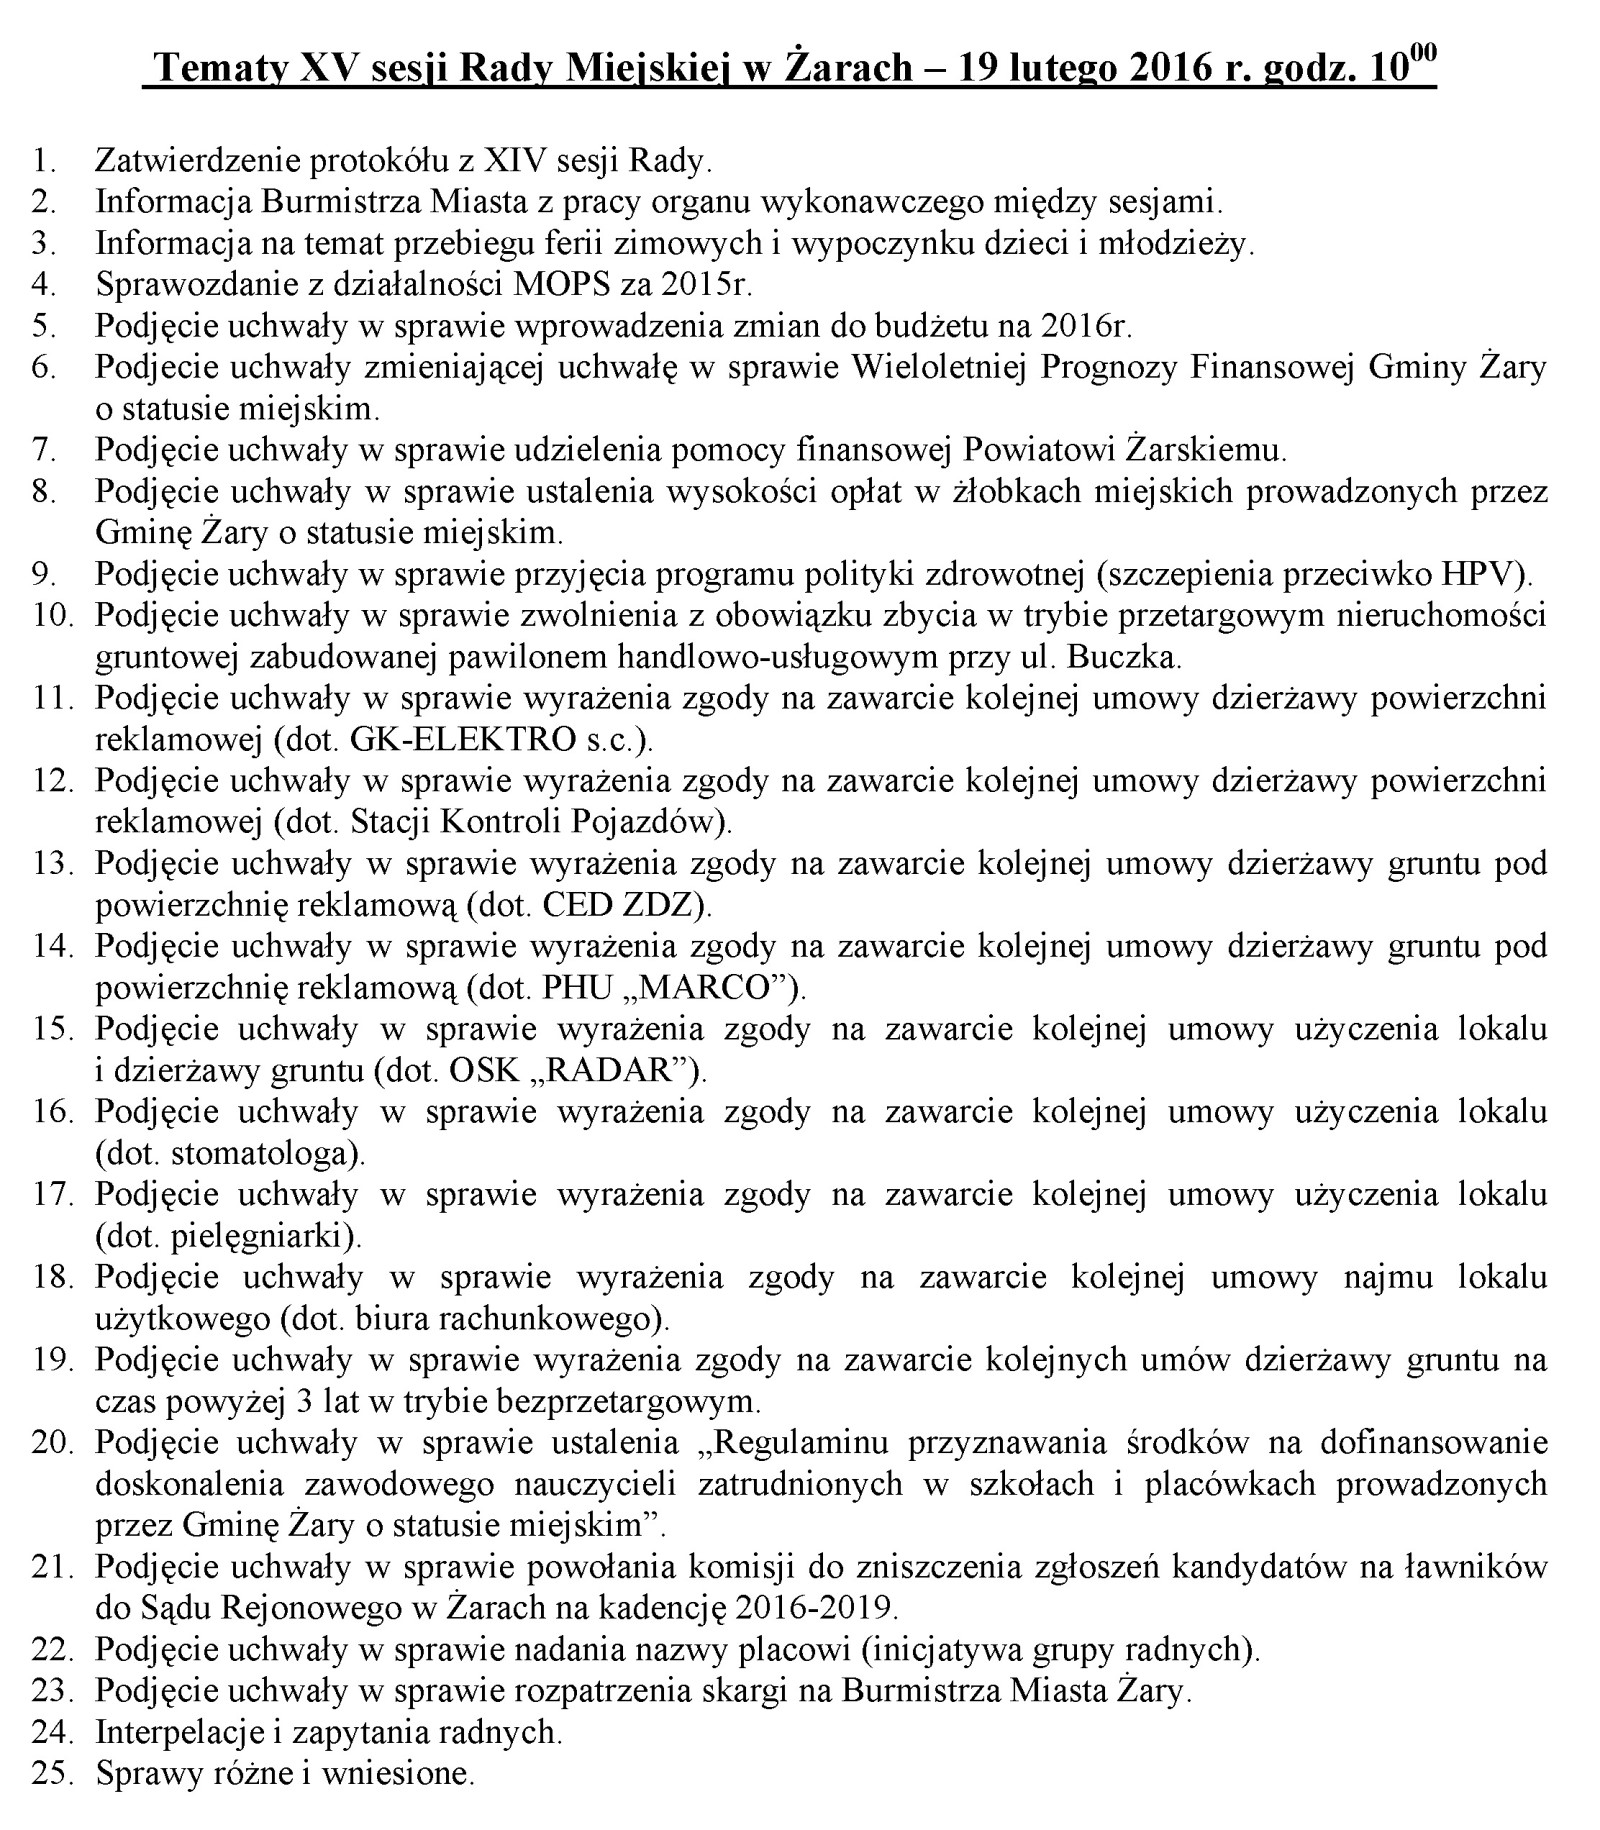 Ilustracja do informacji: Tematy XV sesji Rady Miejskiej w Żarach – 19 lutego 2016 r. godz. 10.00